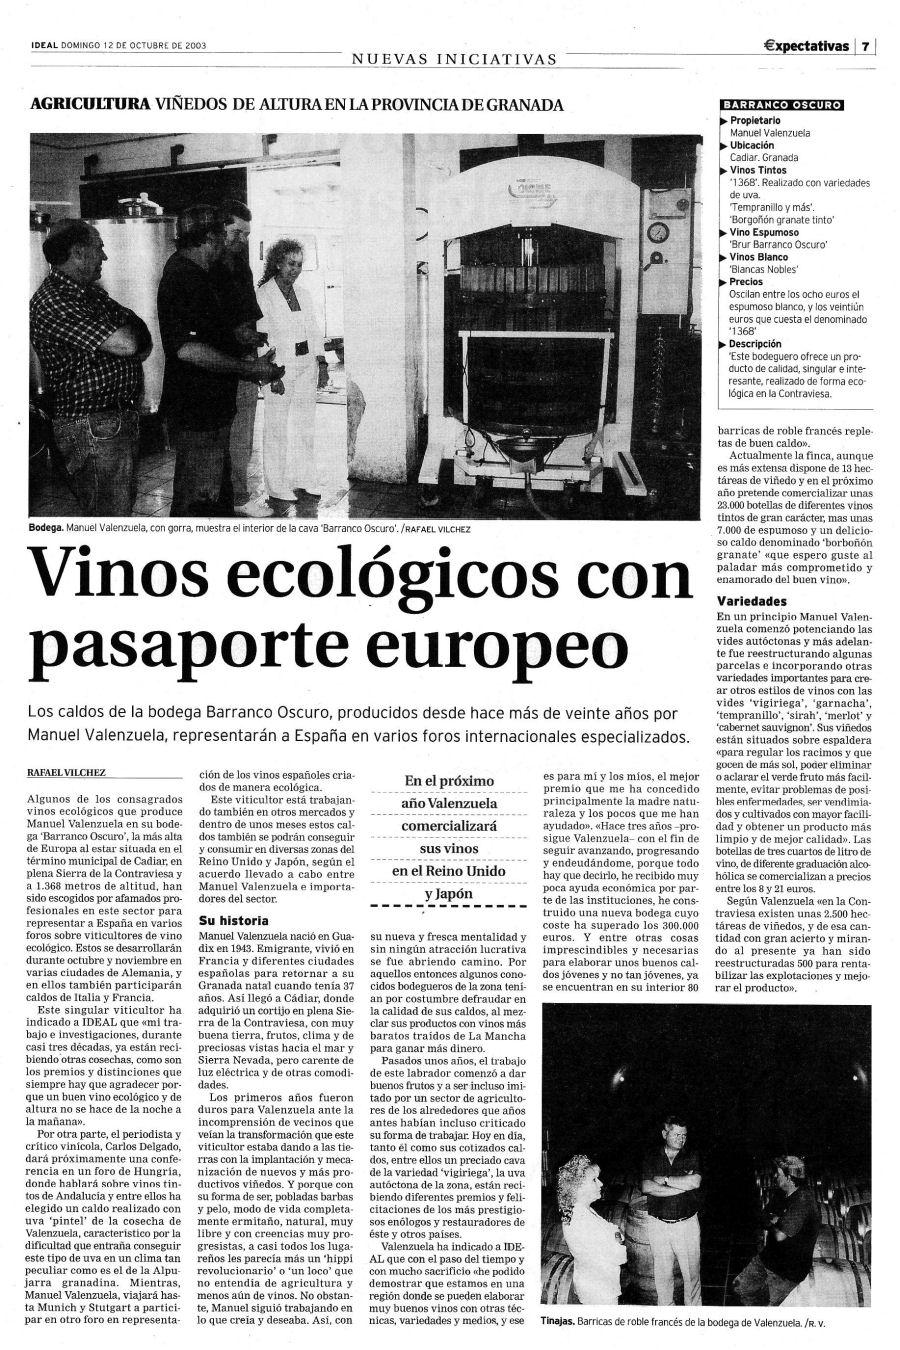 Vinos ecológicos con pasaporte europeo | Ideal